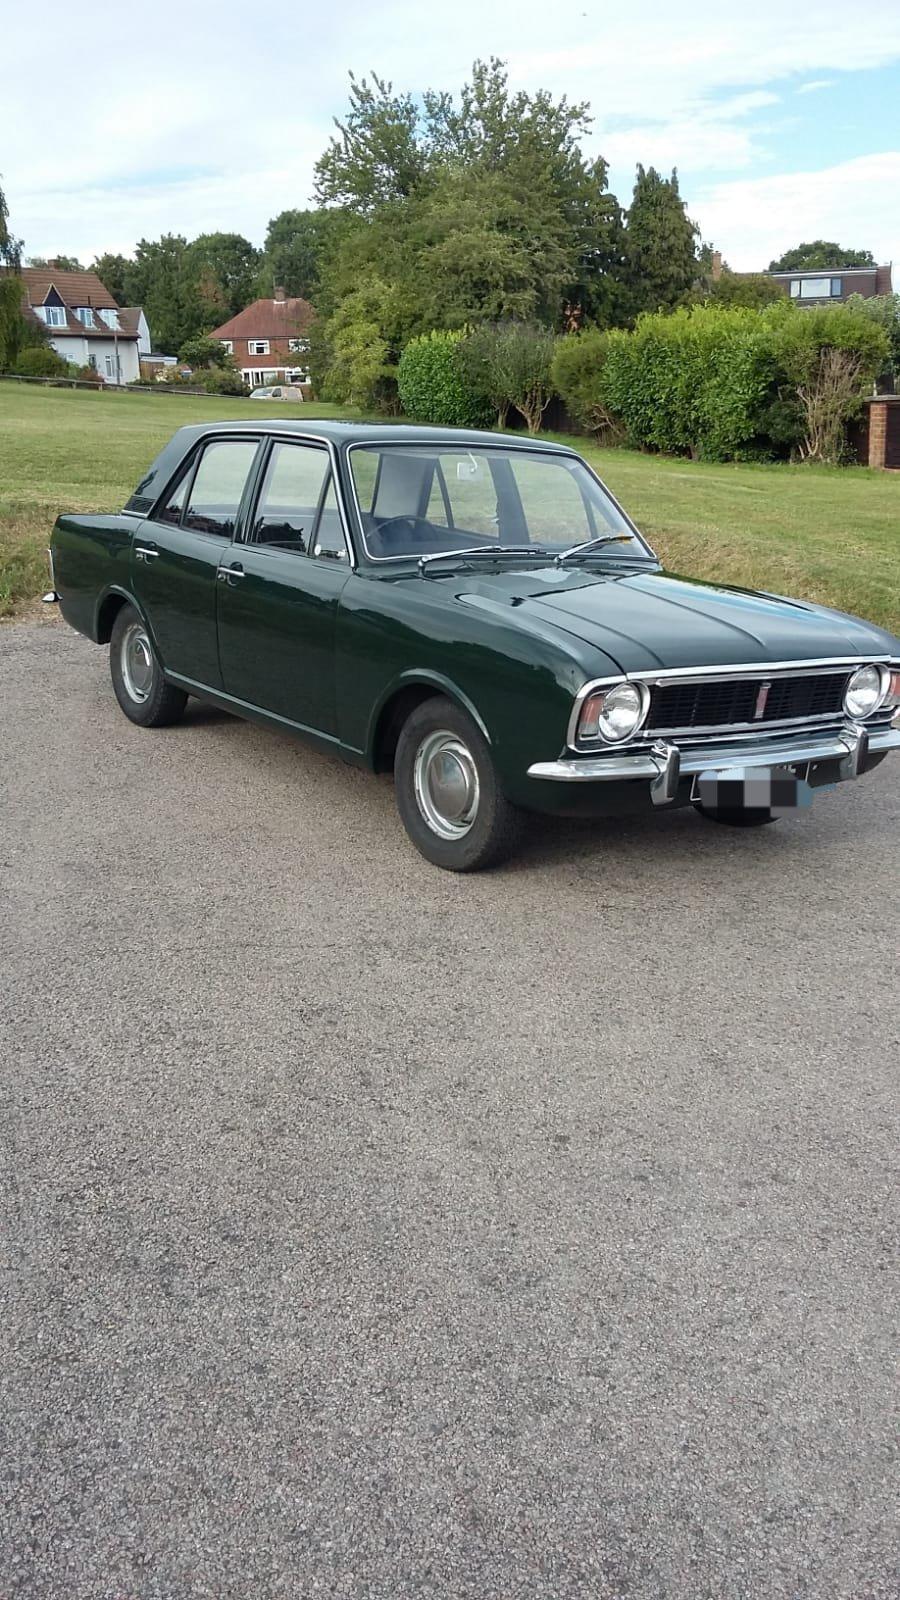 1968 Cortina mk2 1600 Auto For Sale (picture 1 of 6)